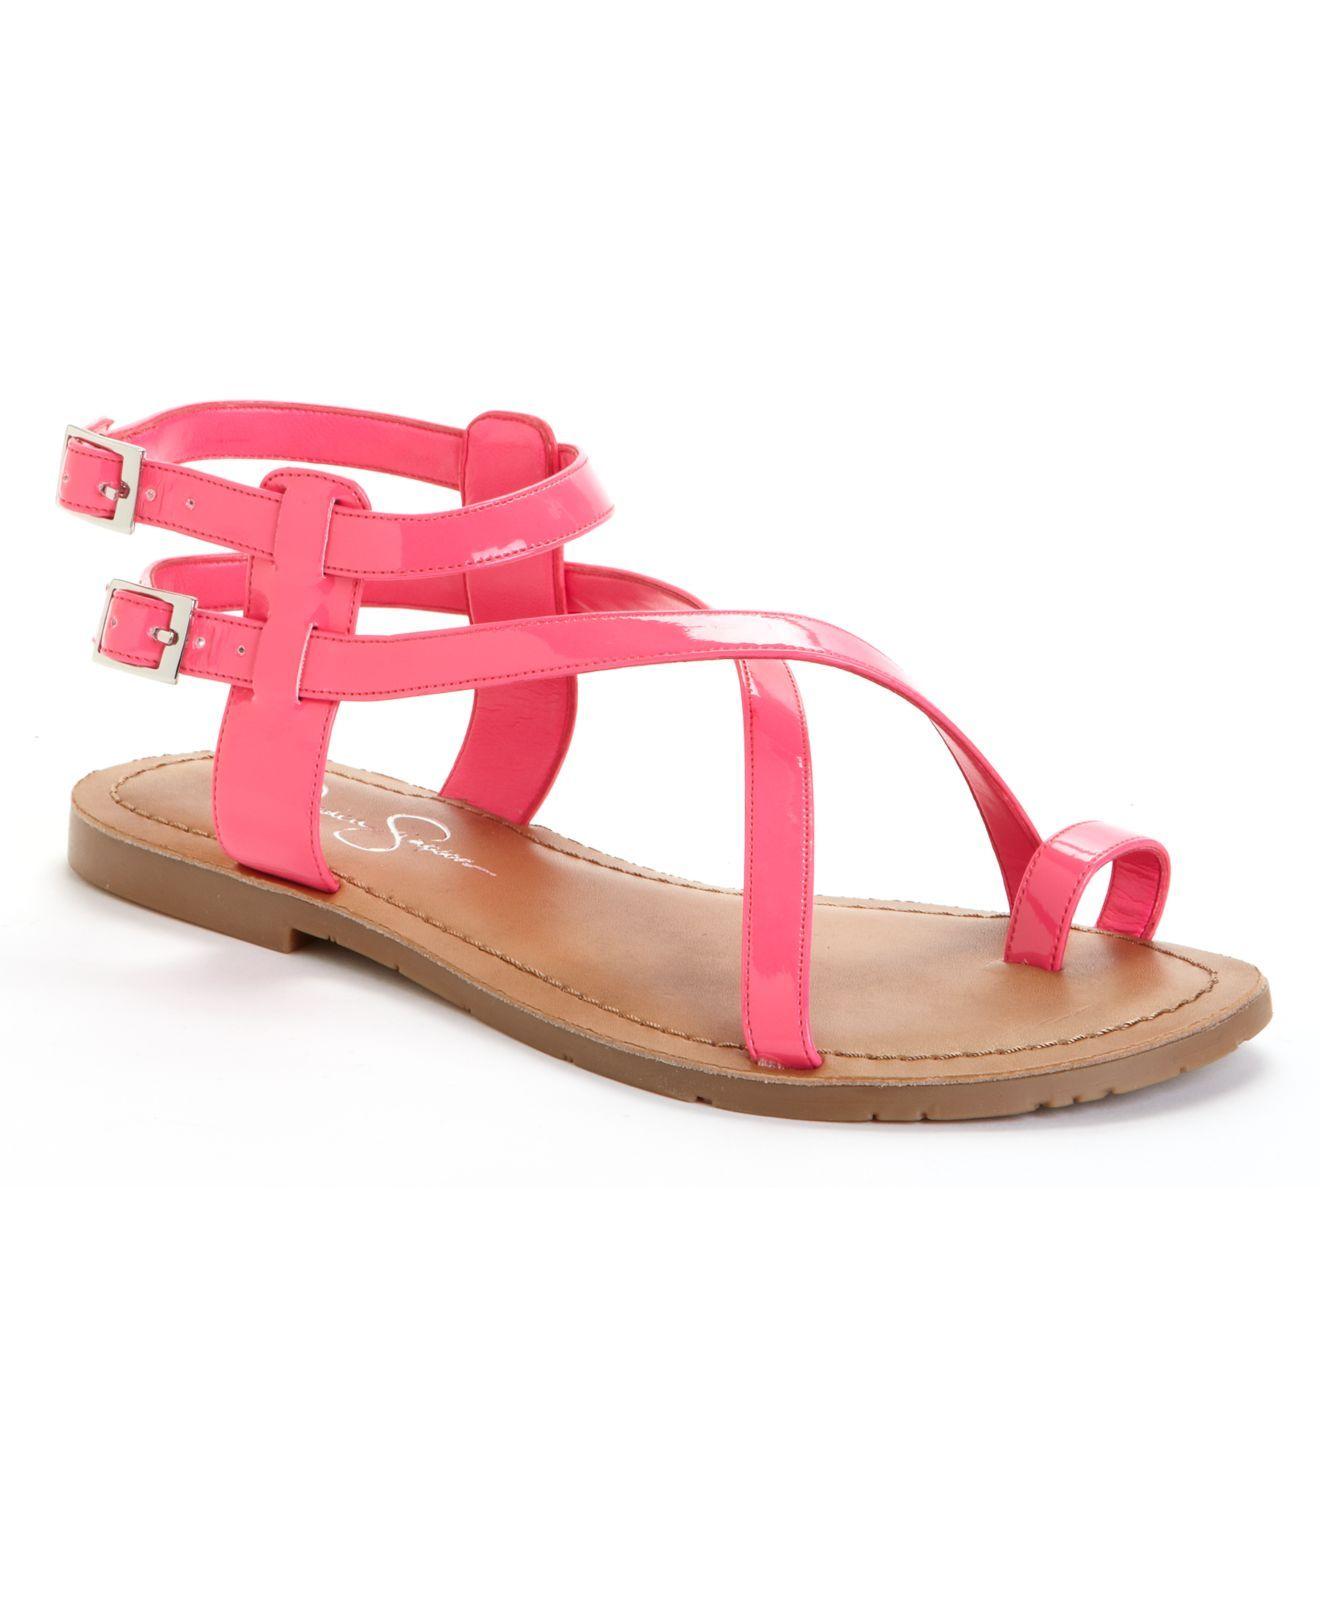 eb62316d1c0 Jessica Simpson Shoes